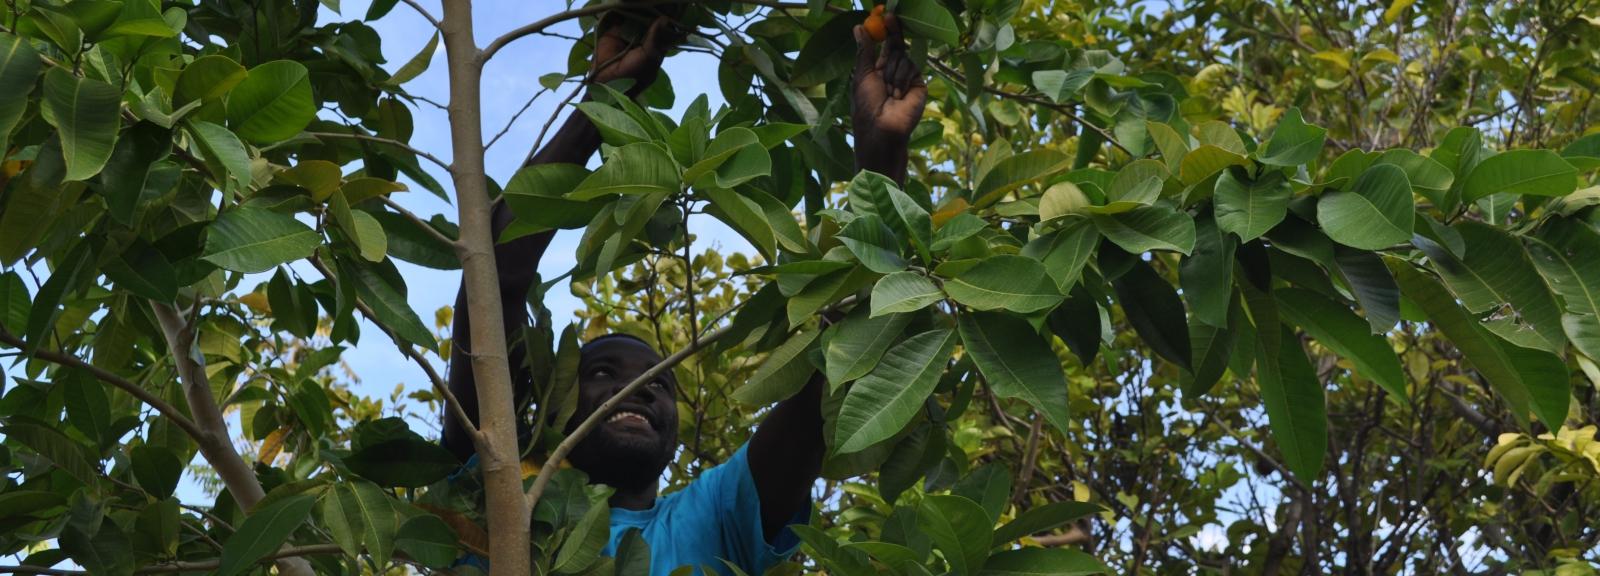 Ces arbres qui nous sauvent © Sadhana Forest pour le programme Forêts Communes